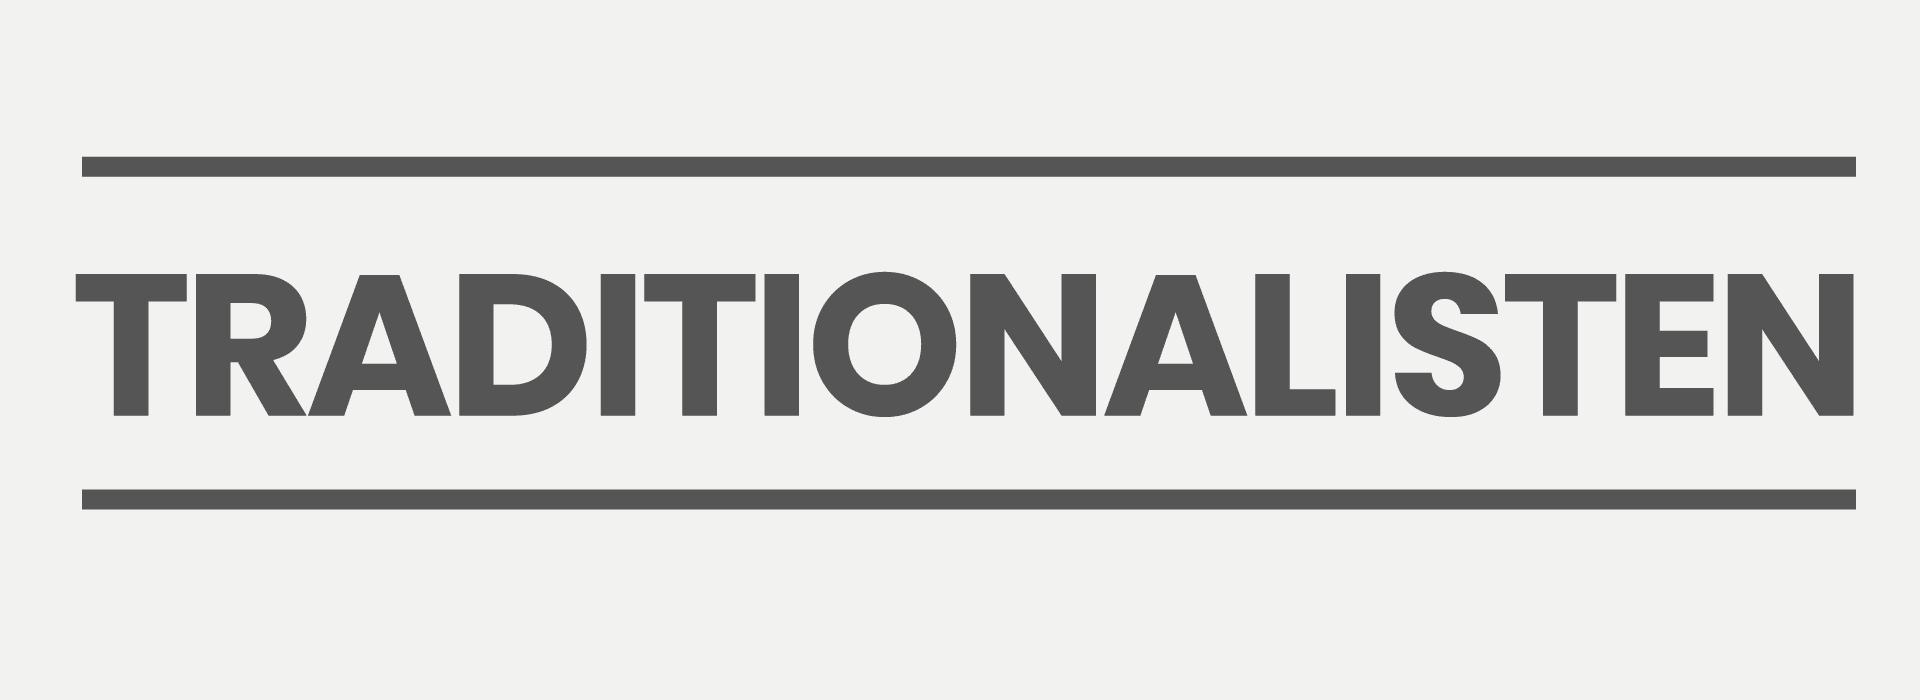 Traditionalisten - Generationen - Simon Schnetzer